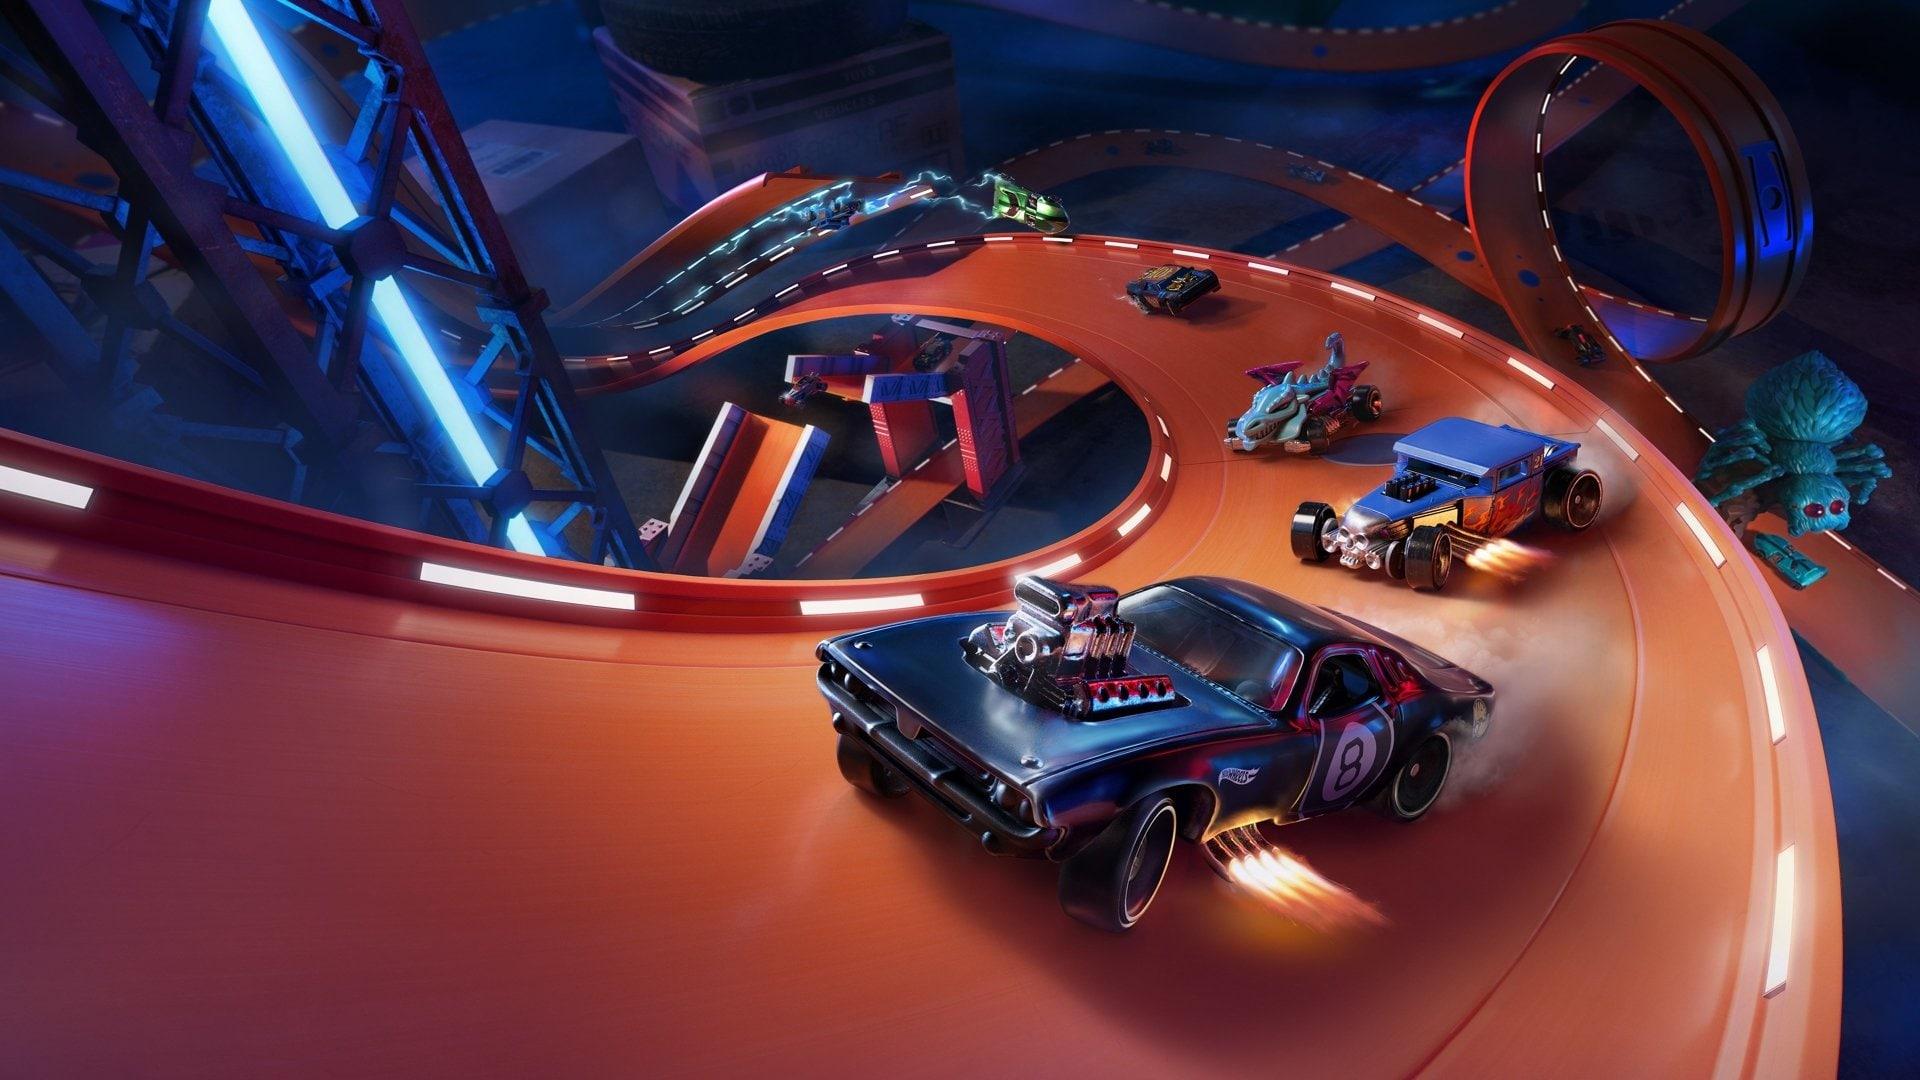 Hot Wheels Unleashed (Xbox One) - Xbox Live Key - UNITED STATES - 2